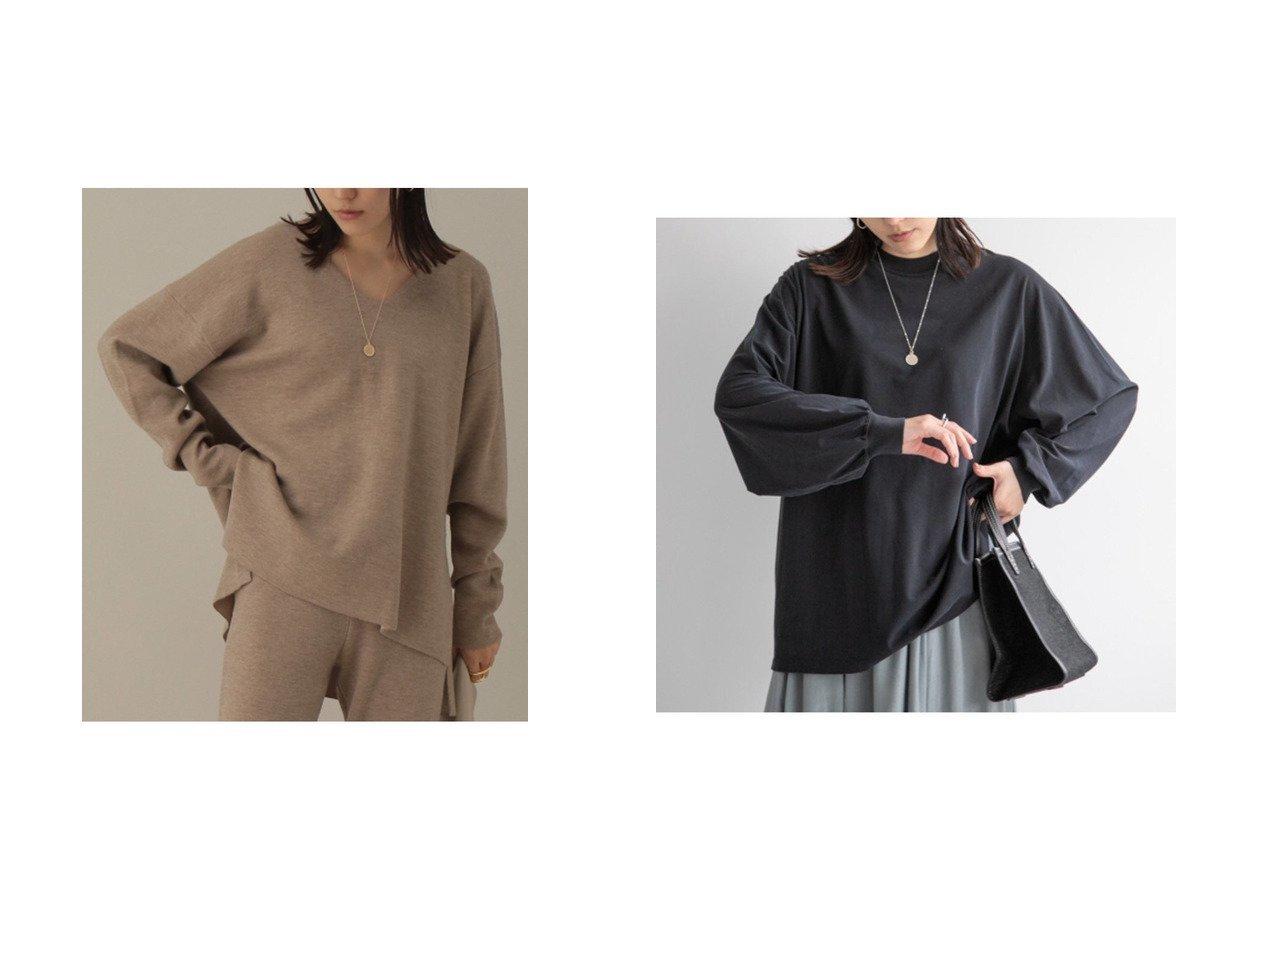 【Chaos/カオス】のラマーリバーVネックプルオーバー&【REMI RELIEF】別注ロングTシャツ 【トップス・カットソー】おすすめ!人気、トレンド・レディースファッションの通販 おすすめで人気の流行・トレンド、ファッションの通販商品 インテリア・家具・メンズファッション・キッズファッション・レディースファッション・服の通販 founy(ファニー) https://founy.com/ ファッション Fashion レディースファッション WOMEN トップス・カットソー Tops/Tshirt ニット Knit Tops プルオーバー Pullover Vネック V-Neck シャツ/ブラウス Shirts/Blouses ロング / Tシャツ T-Shirts カットソー Cut and Sewn 2020年 2020 2020-2021秋冬・A/W AW・Autumn/Winter・FW・Fall-Winter/2020-2021 2021年 2021 2021-2022秋冬・A/W AW・Autumn/Winter・FW・Fall-Winter・2021-2022 A/W・秋冬 AW・Autumn/Winter・FW・Fall-Winter おすすめ Recommend シンプル ダブル フェイス なめらか コンパクト スリーブ パターン ロング ワーク ヴィンテージ 別注 |ID:crp329100000063592